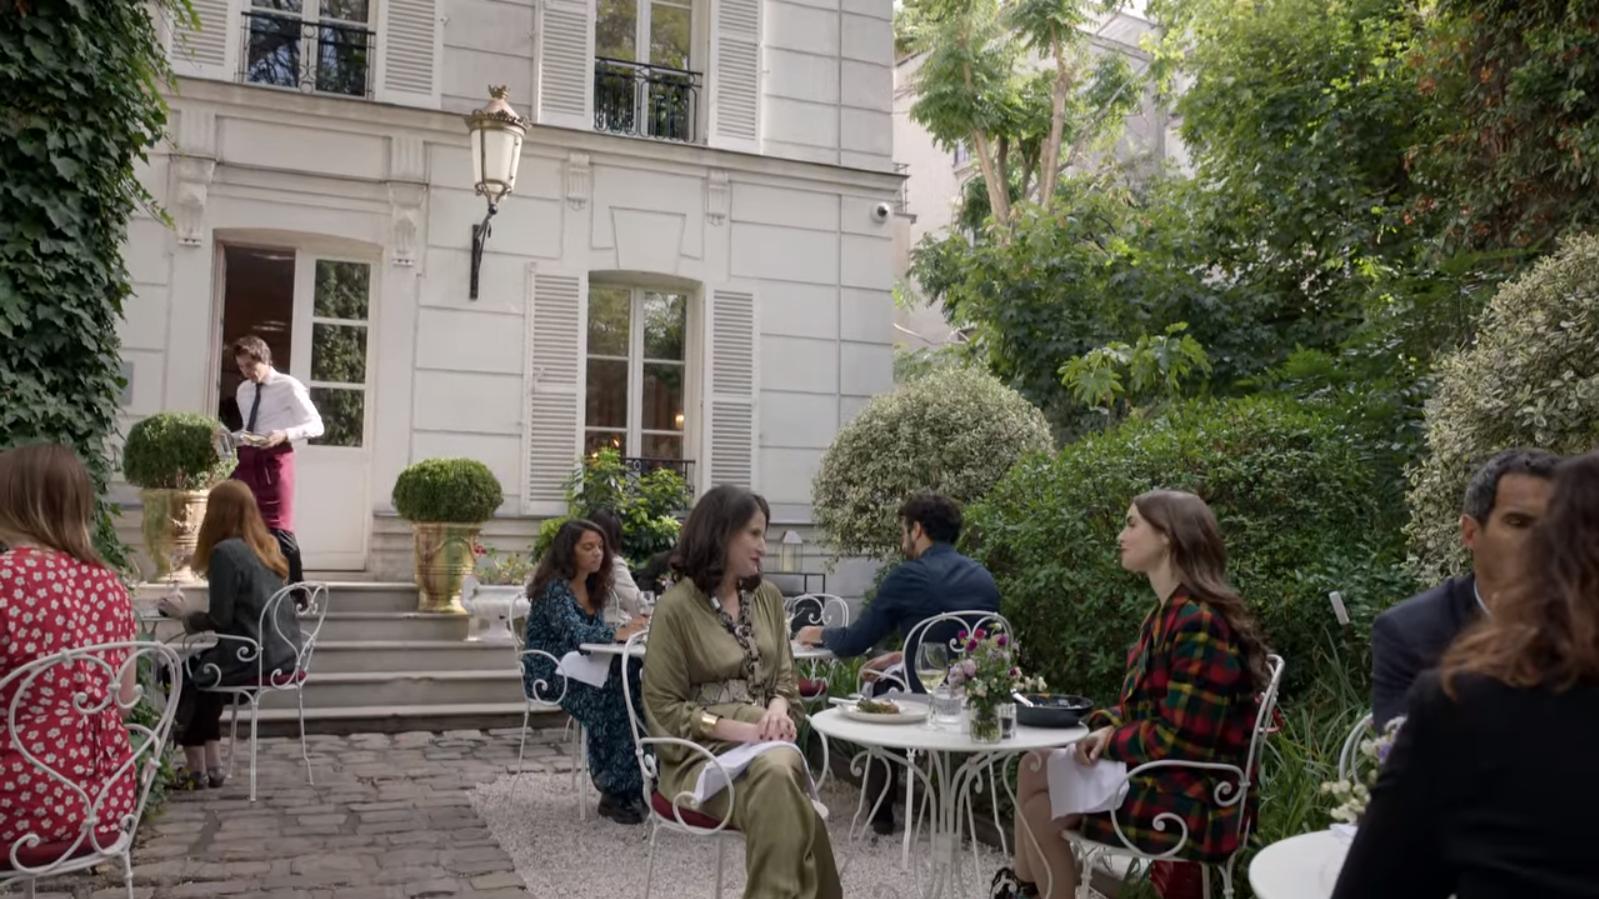 Vous ne déjeunez pas dans les jardins d'hôtels particuliers vous ?